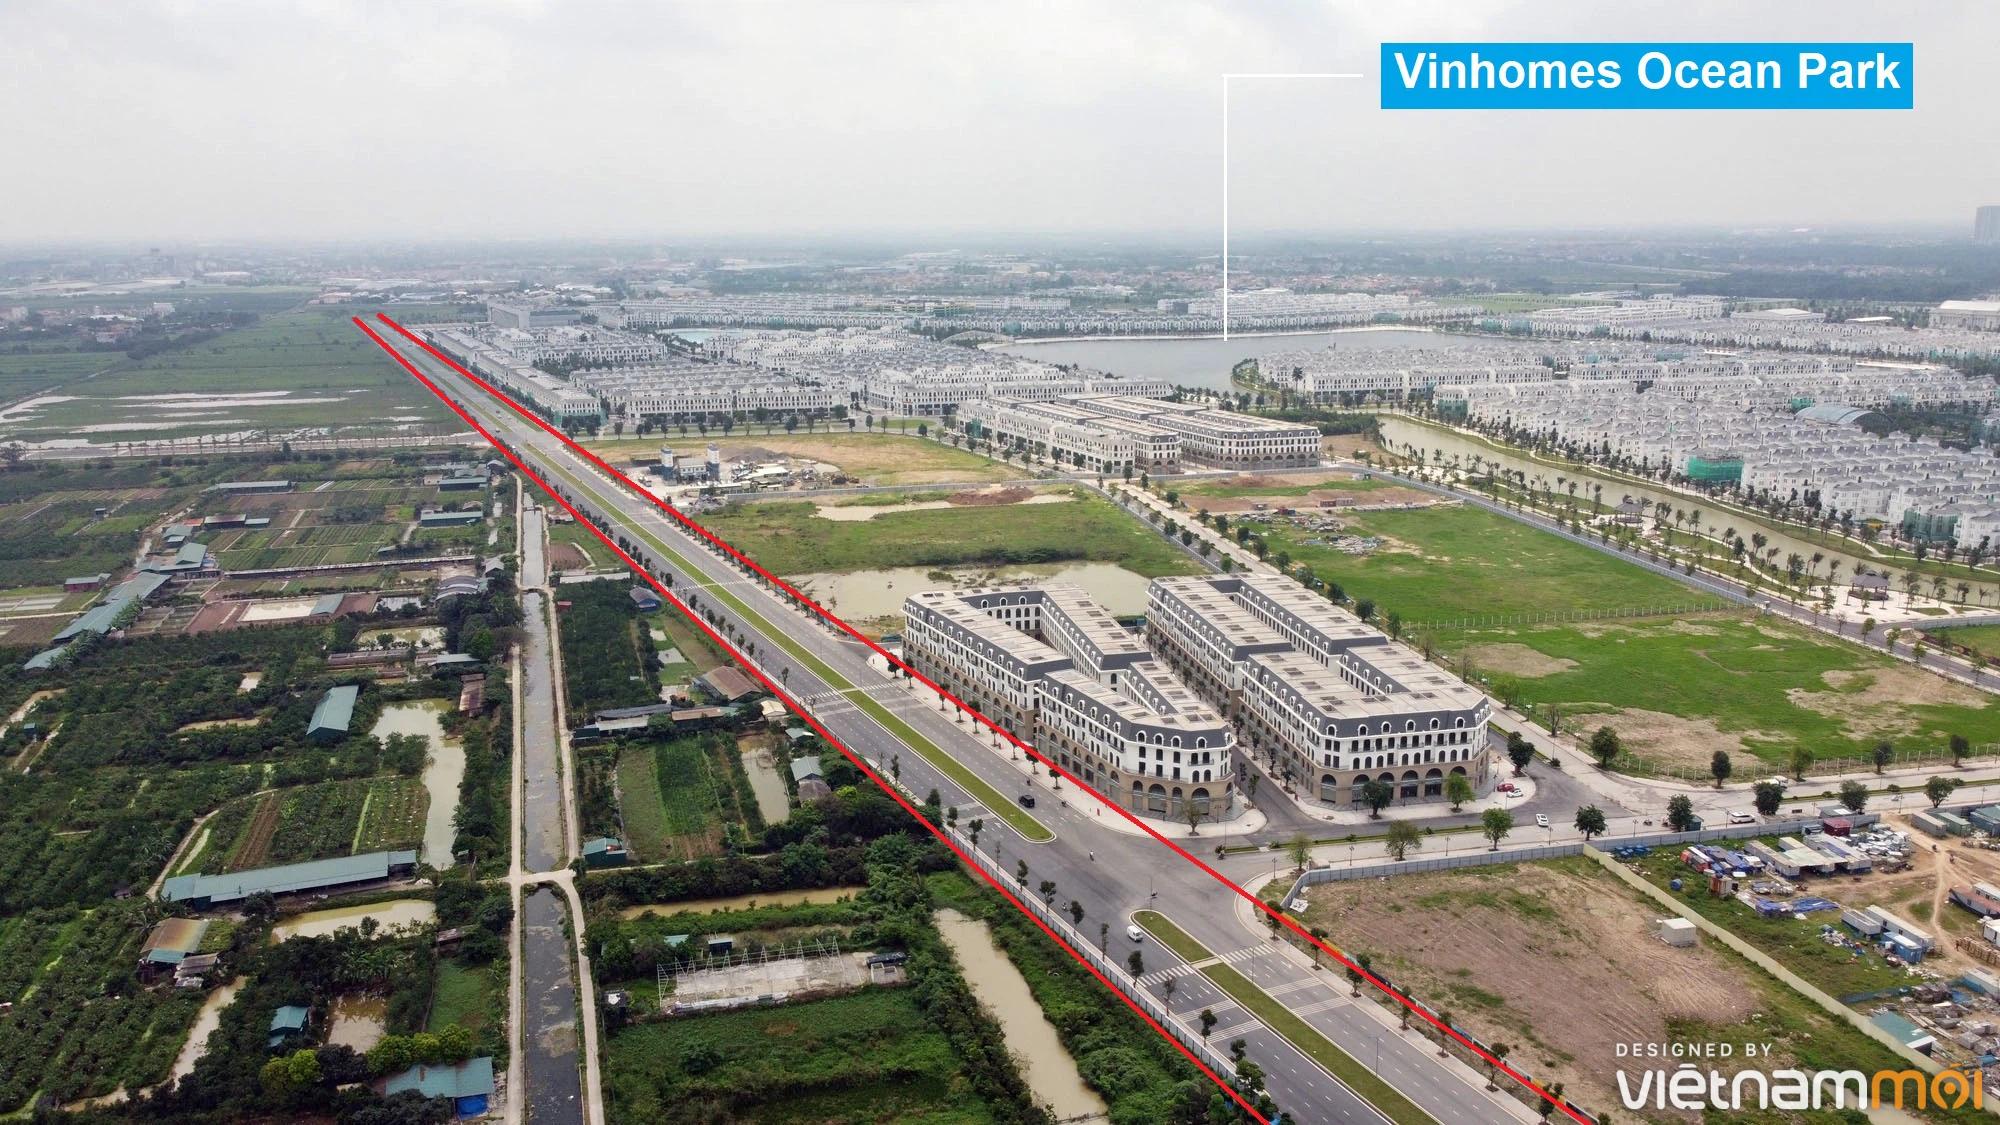 Toàn cảnh đường từ Kiêu Kỵ đến sông Cầu Bây qua Vinhomes Ocean Park đang mở theo quy hoạch ở Hà Nội - Ảnh 3.